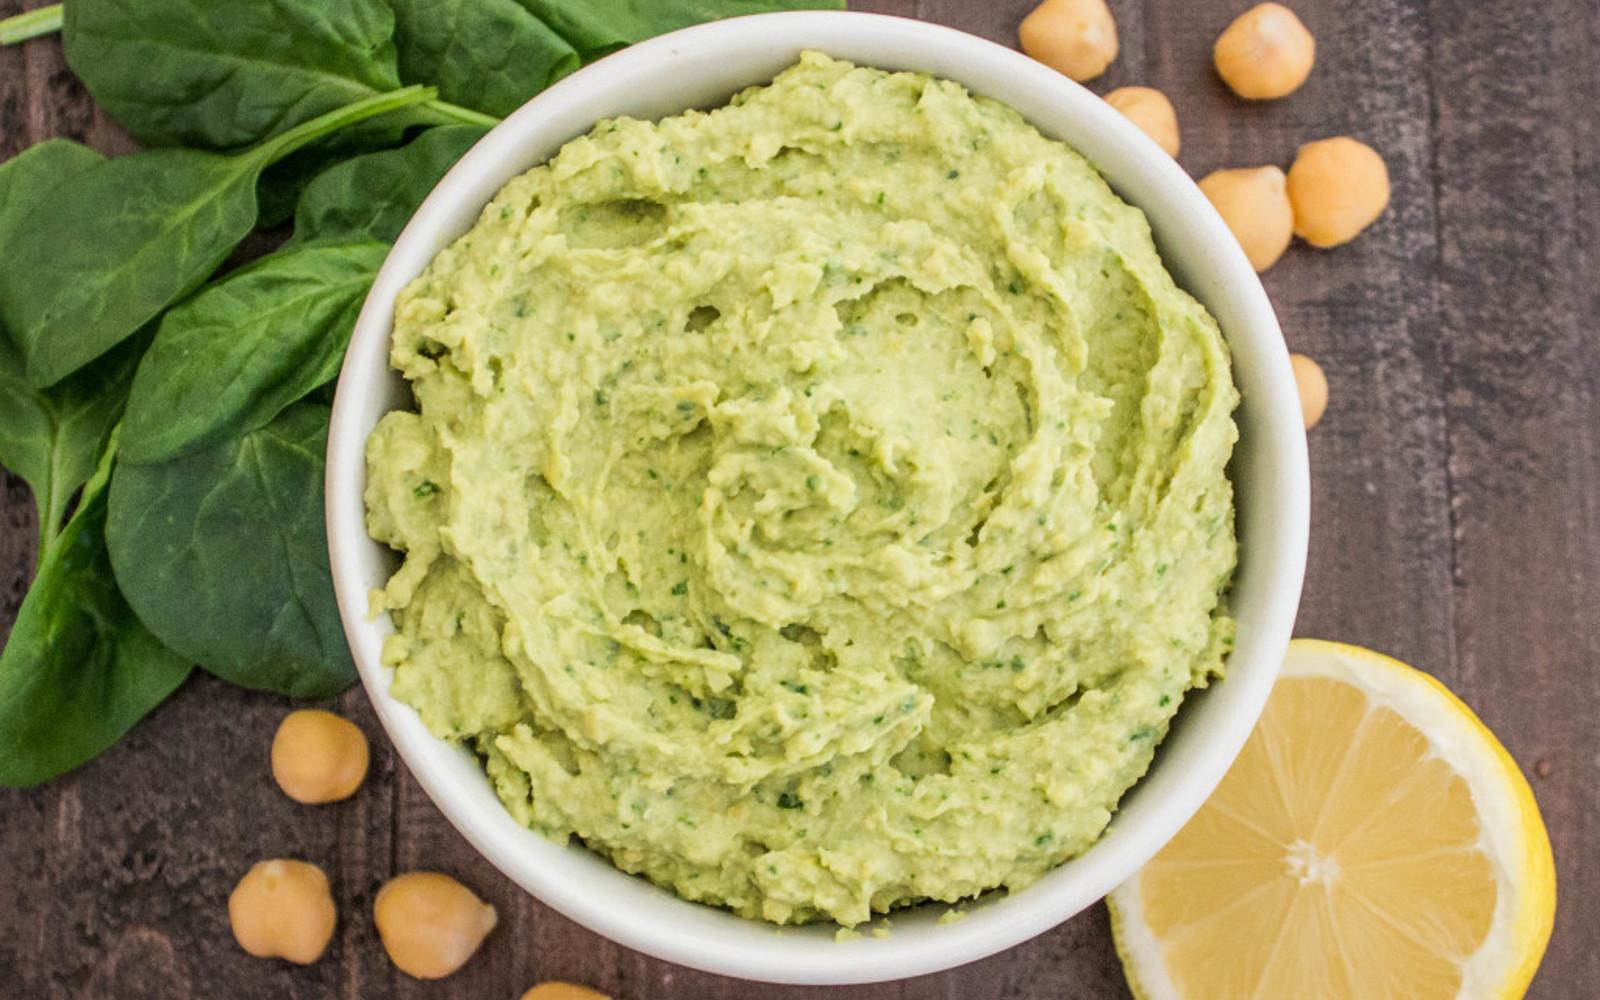 Spinach and Garlic Hummus